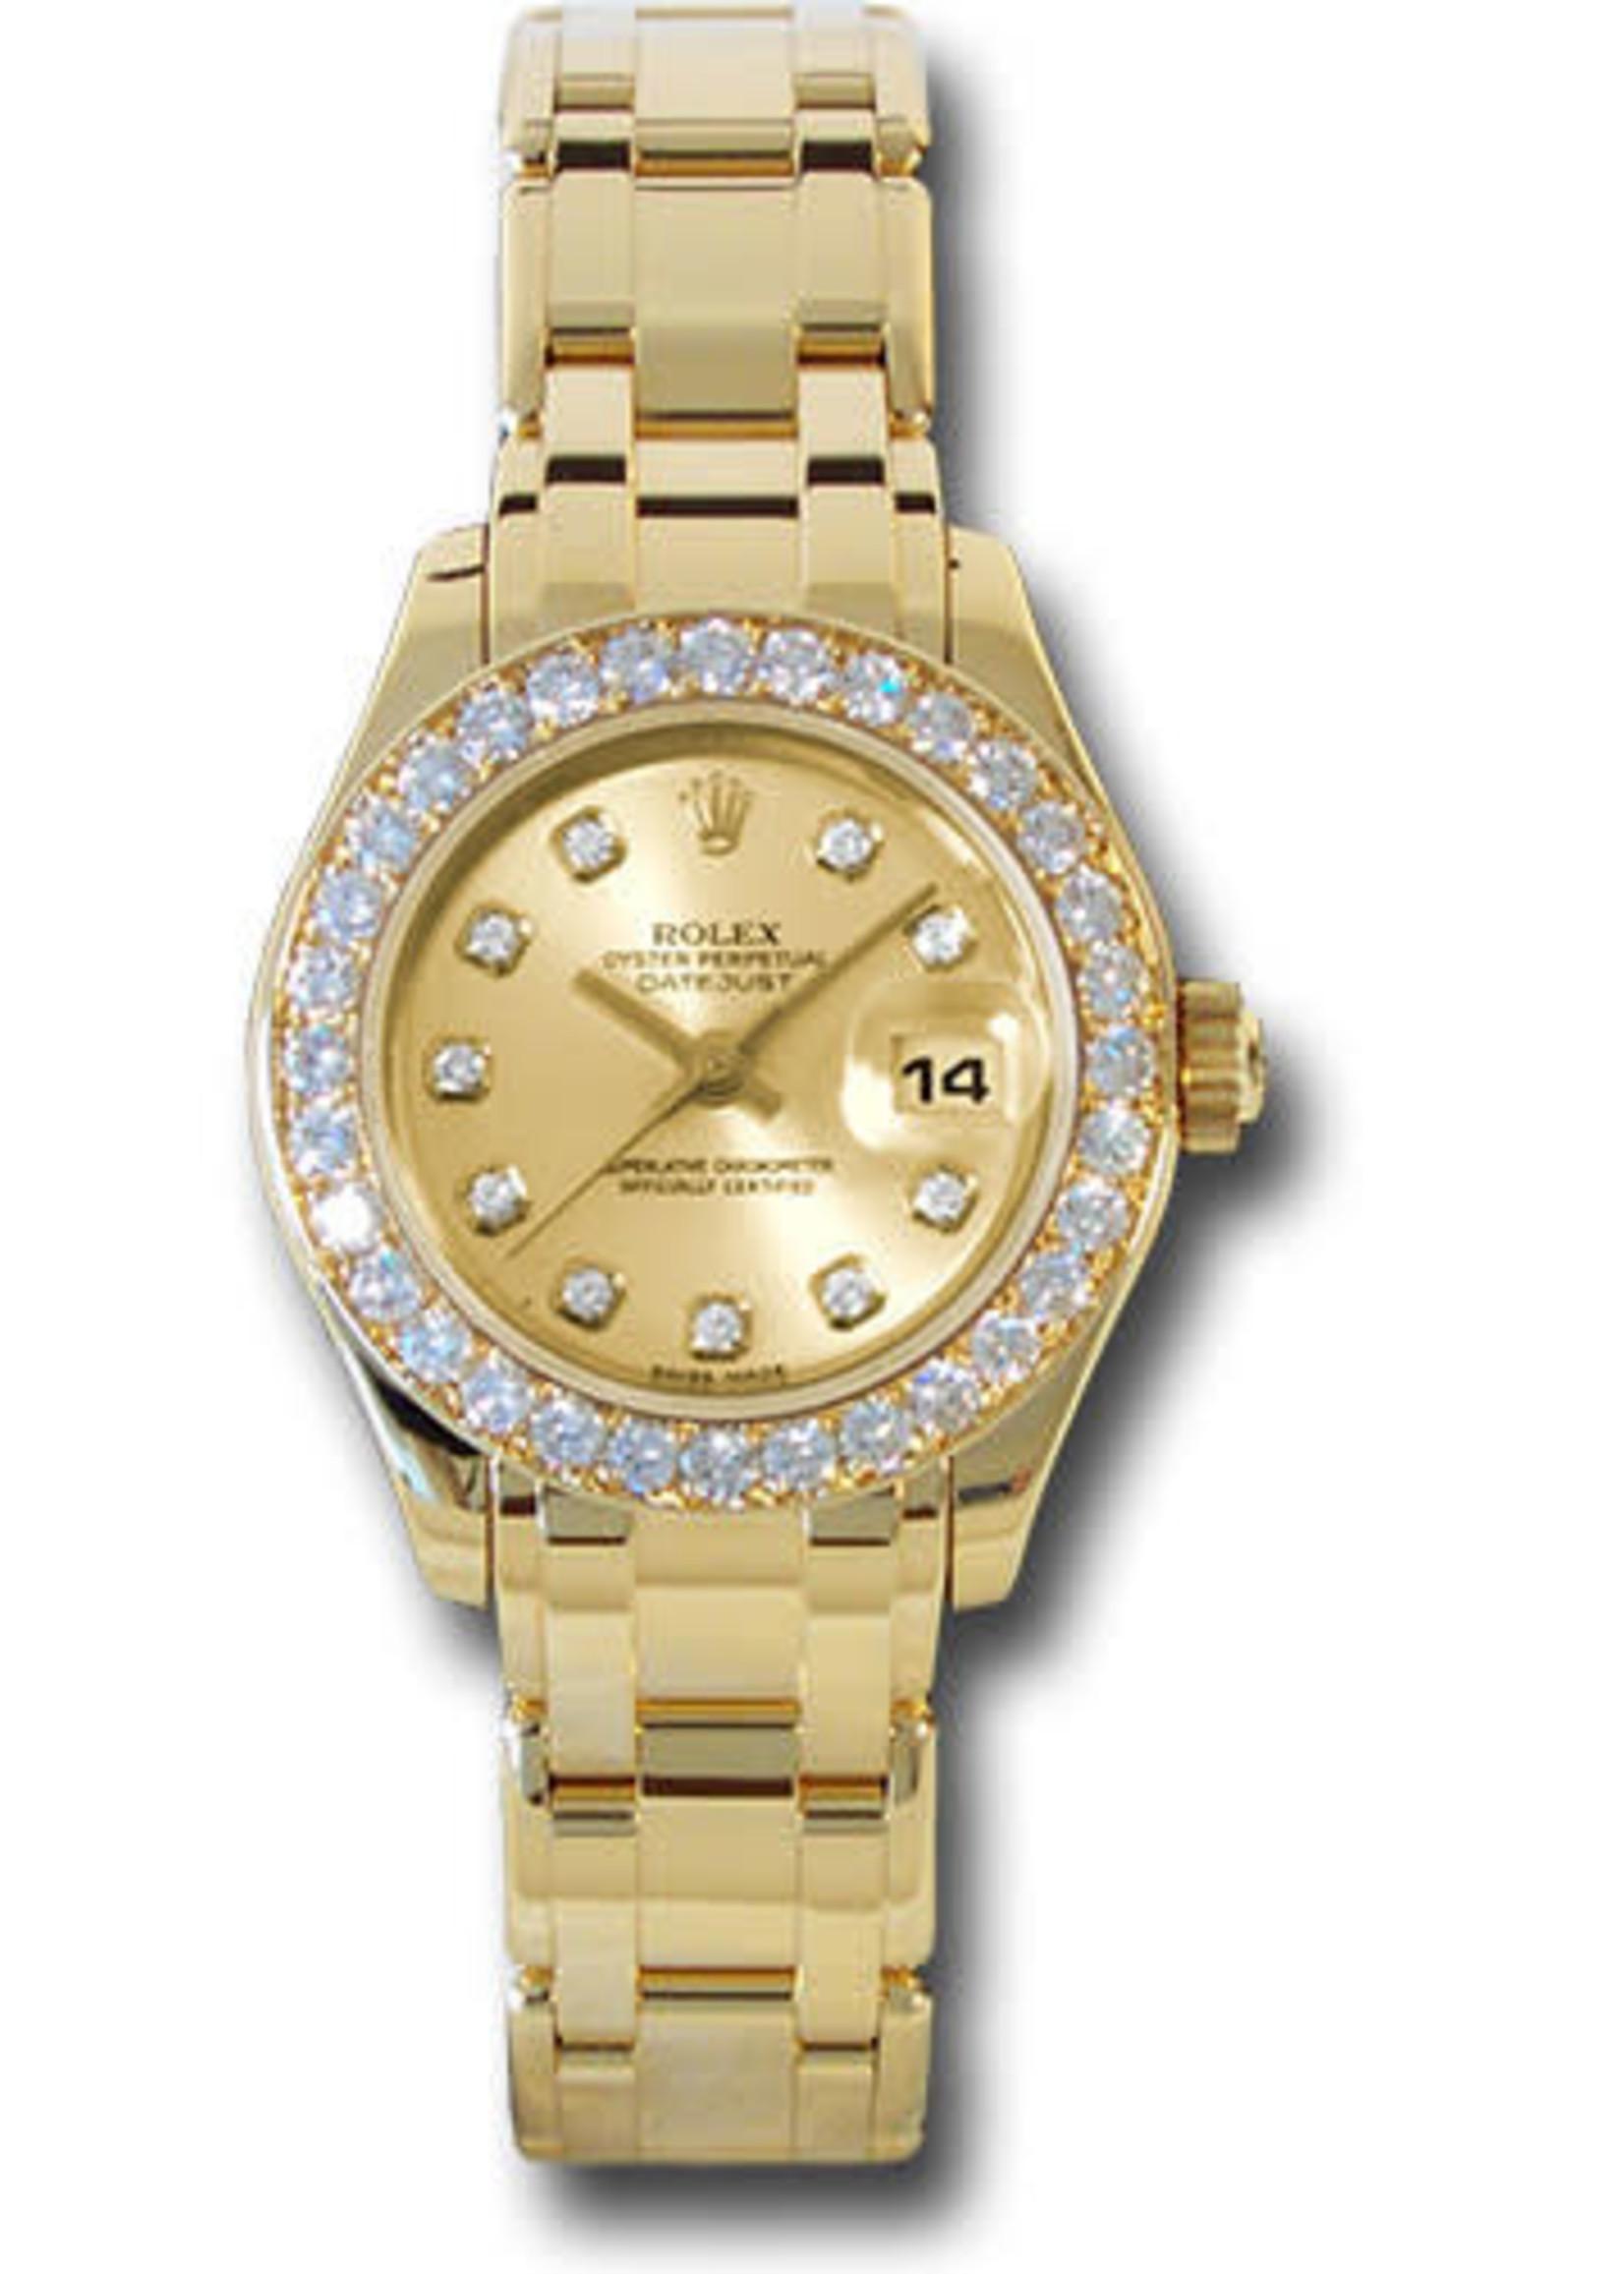 Rolex Watches ROLEX DATEJUST PEARLMASTER 29MM (2000) #80318